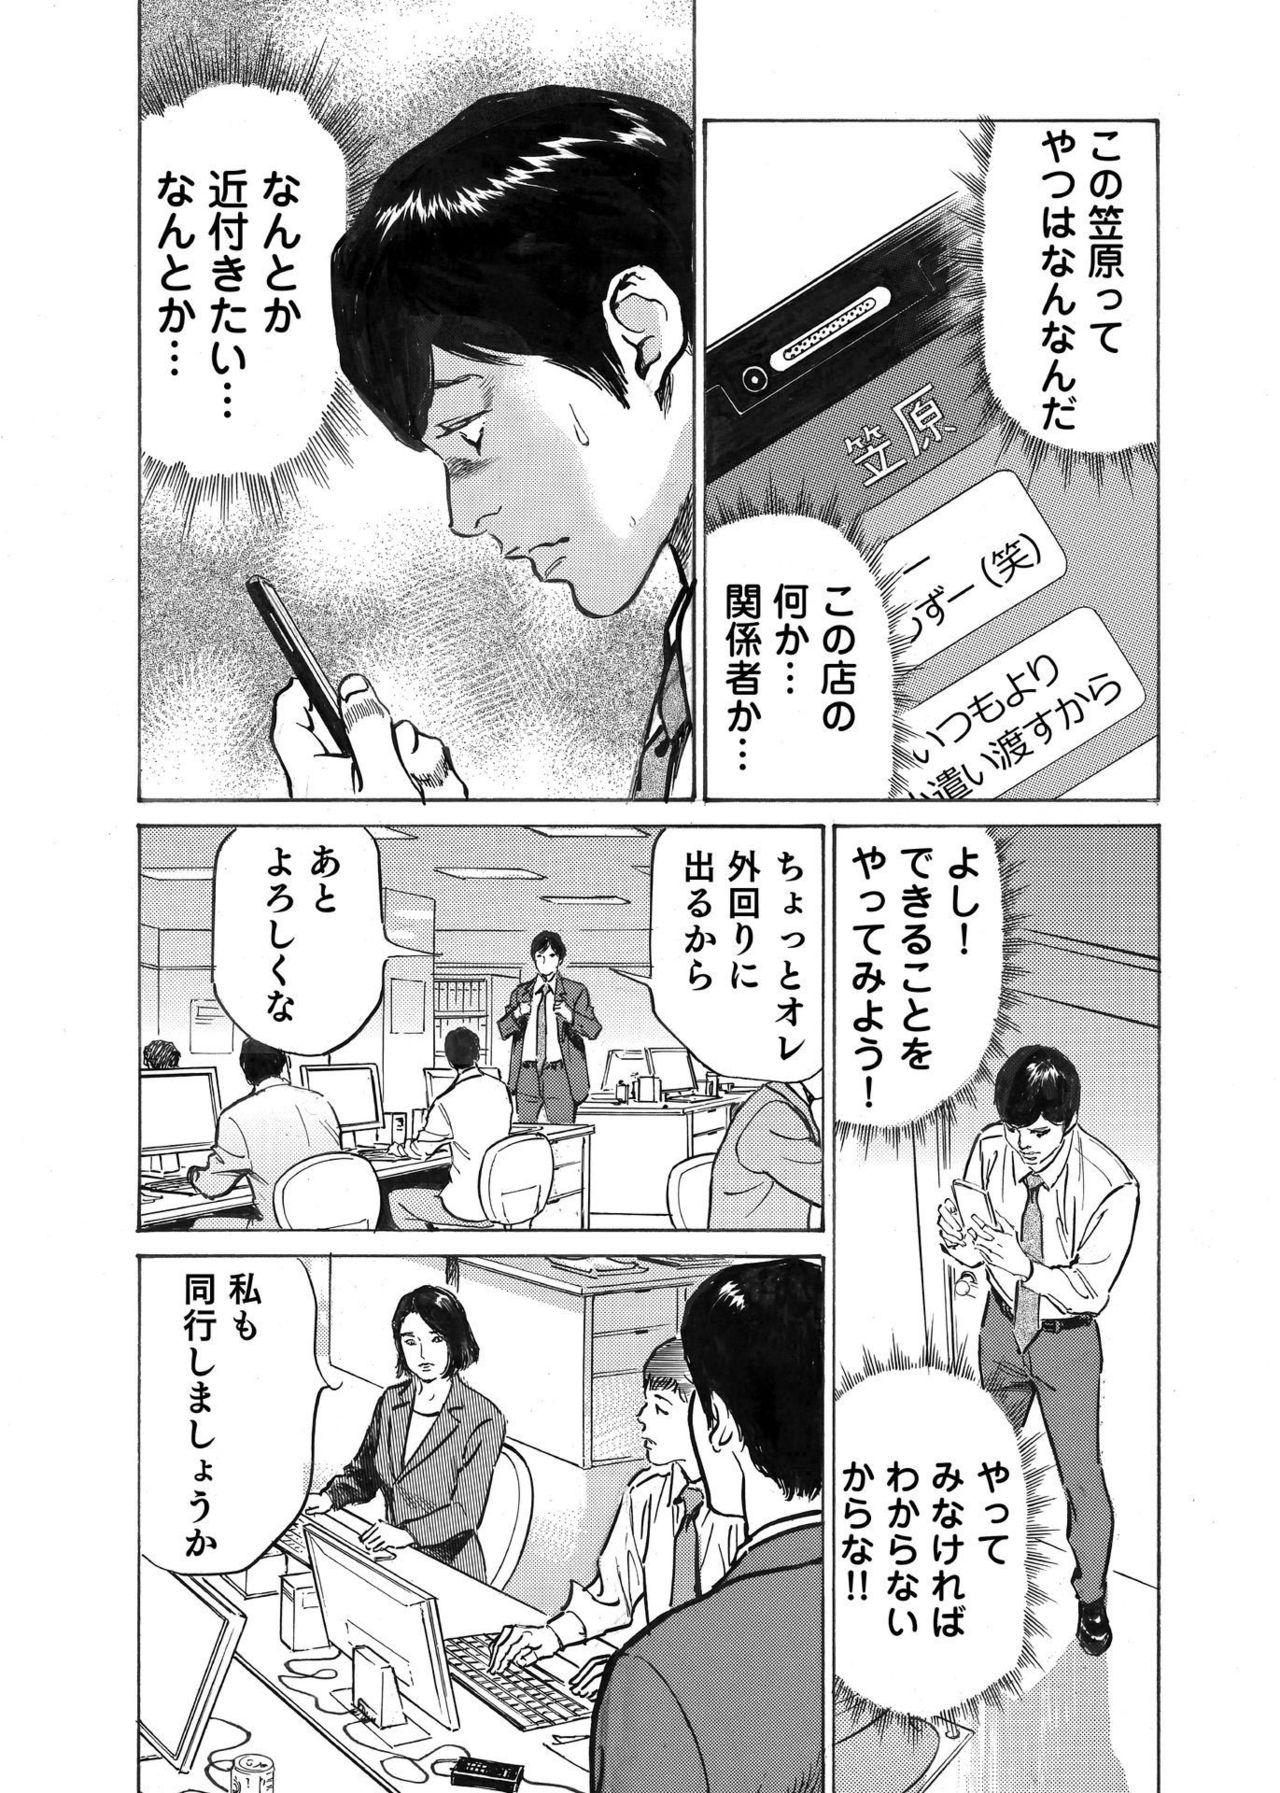 Ore wa Tsuma no Koto o Yoku Shiranai 1-9 103